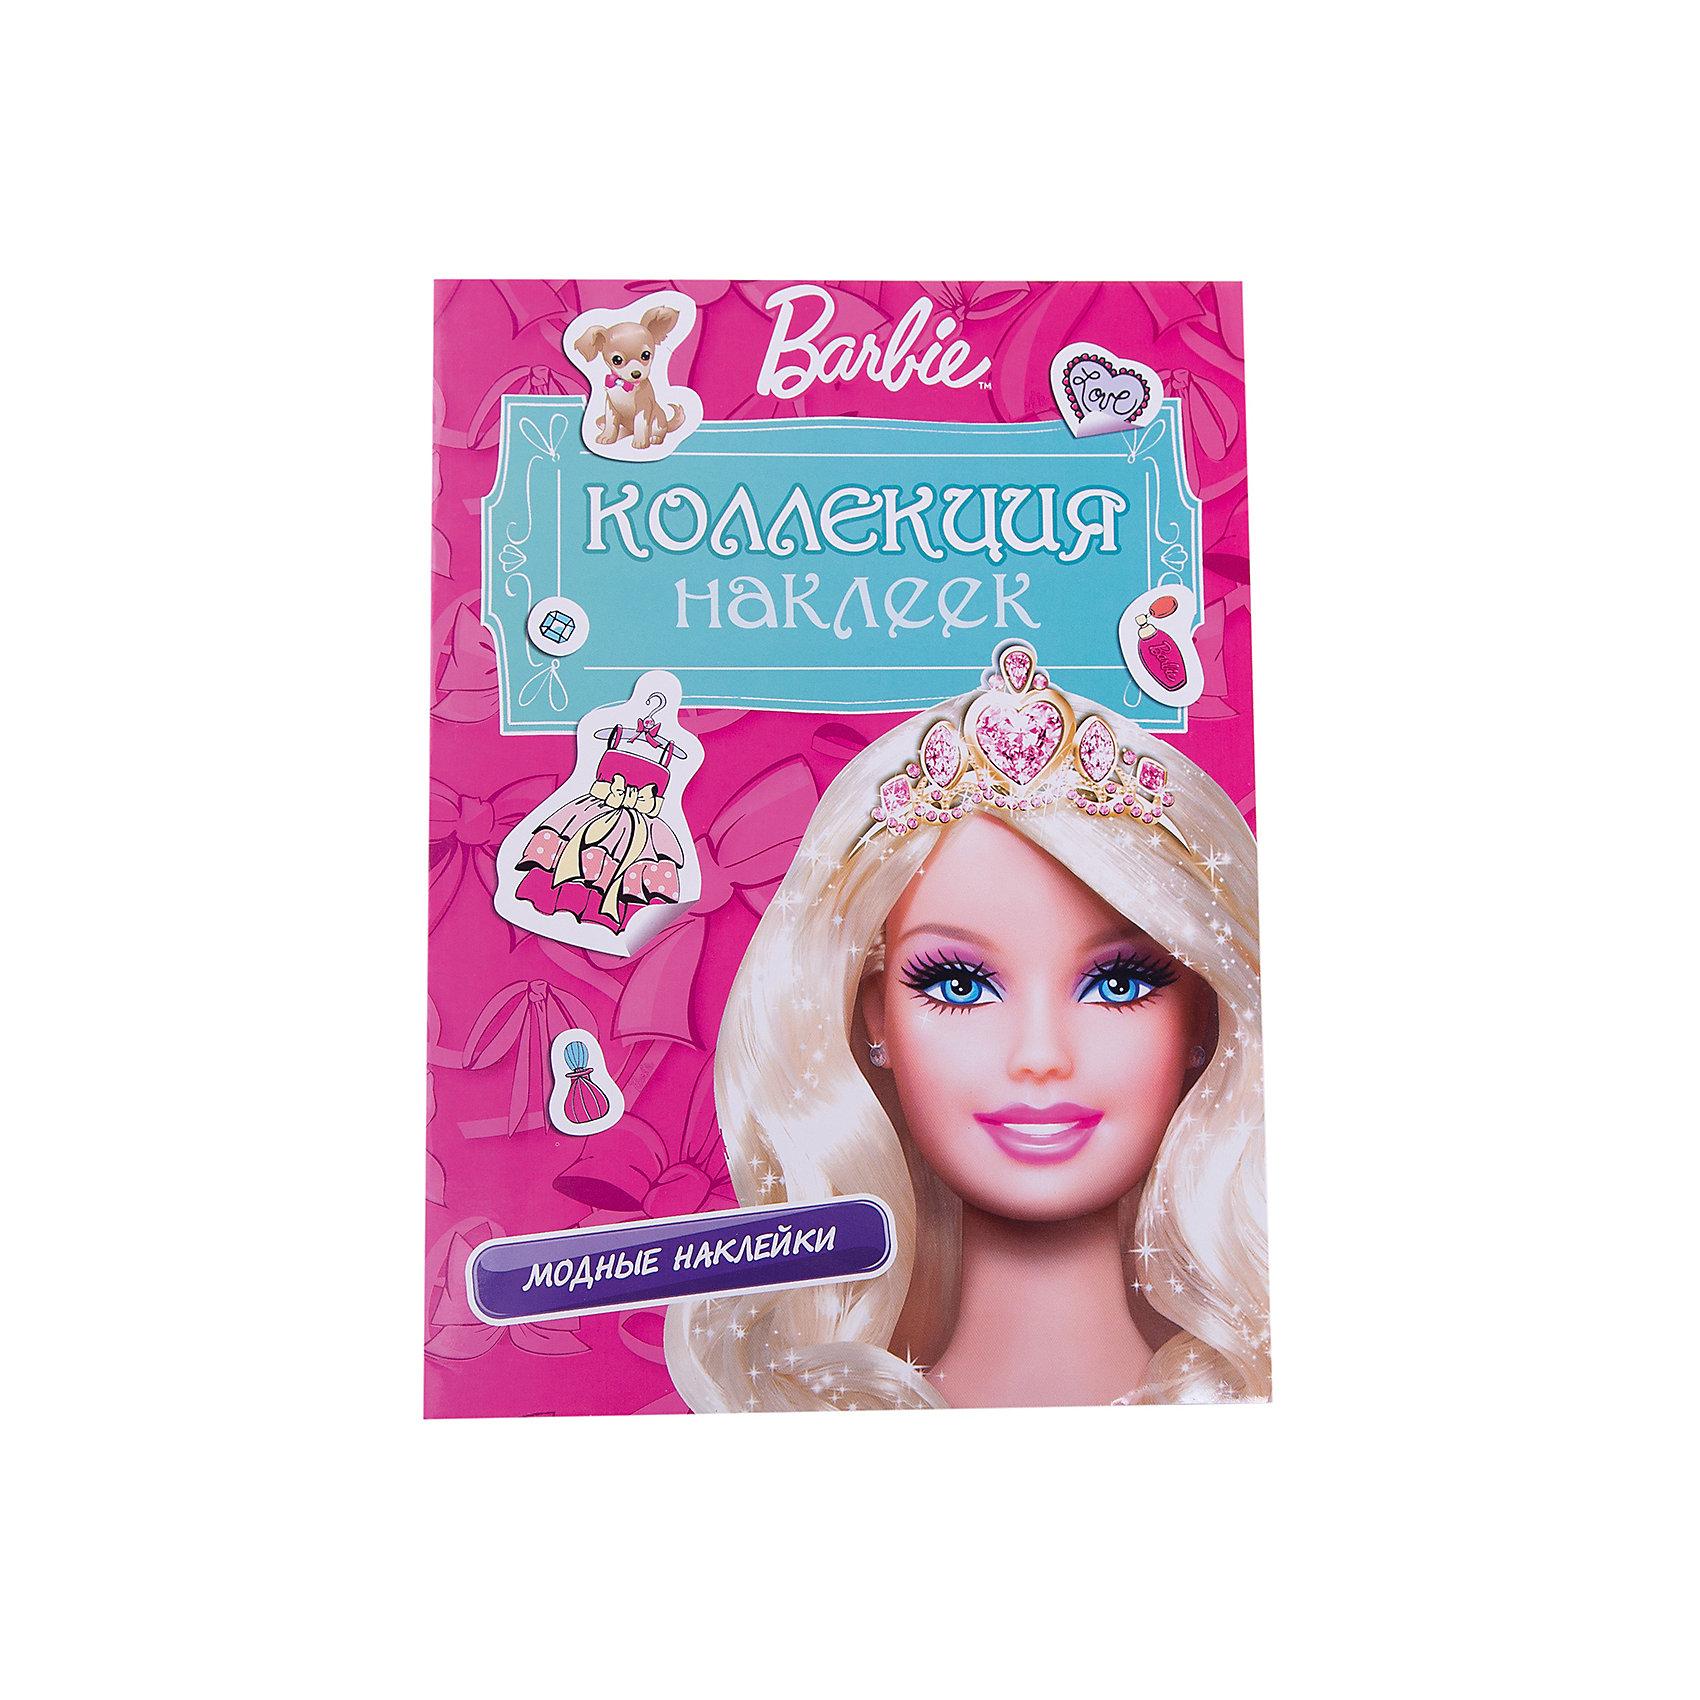 Коллекция наклеек (розовая), БарбиКниги для девочек<br>Коллекция красивых, интересных наклеек (розовая), Барби (Barbie) – подарит радость каждой девочке. Модная кукла Barbie, розовые очки, милые домашние питомцы, изысканные сумочки и прочие симпатичные вещички в наклейках Barbie подарят радость каждой девочке. Украшай наклейками Barbie альбомы, тетради, анкеты, открытки, подарки и свою комнату.<br><br>Дополнительная информация:<br><br>- Серия: Альбомы наклеек<br>- Тип обложки: мягкая<br>- Количество страниц: 8<br>- Размер: 270 x 200 мм.<br>- Вес: 20 гр.<br><br>Коллекцию наклеек (розовую), Барби (Barbie) можно купить в нашем интернет-магазине.<br><br>Ширина мм: 270<br>Глубина мм: 200<br>Высота мм: 1<br>Вес г: 20<br>Возраст от месяцев: 48<br>Возраст до месяцев: 108<br>Пол: Женский<br>Возраст: Детский<br>SKU: 3781205